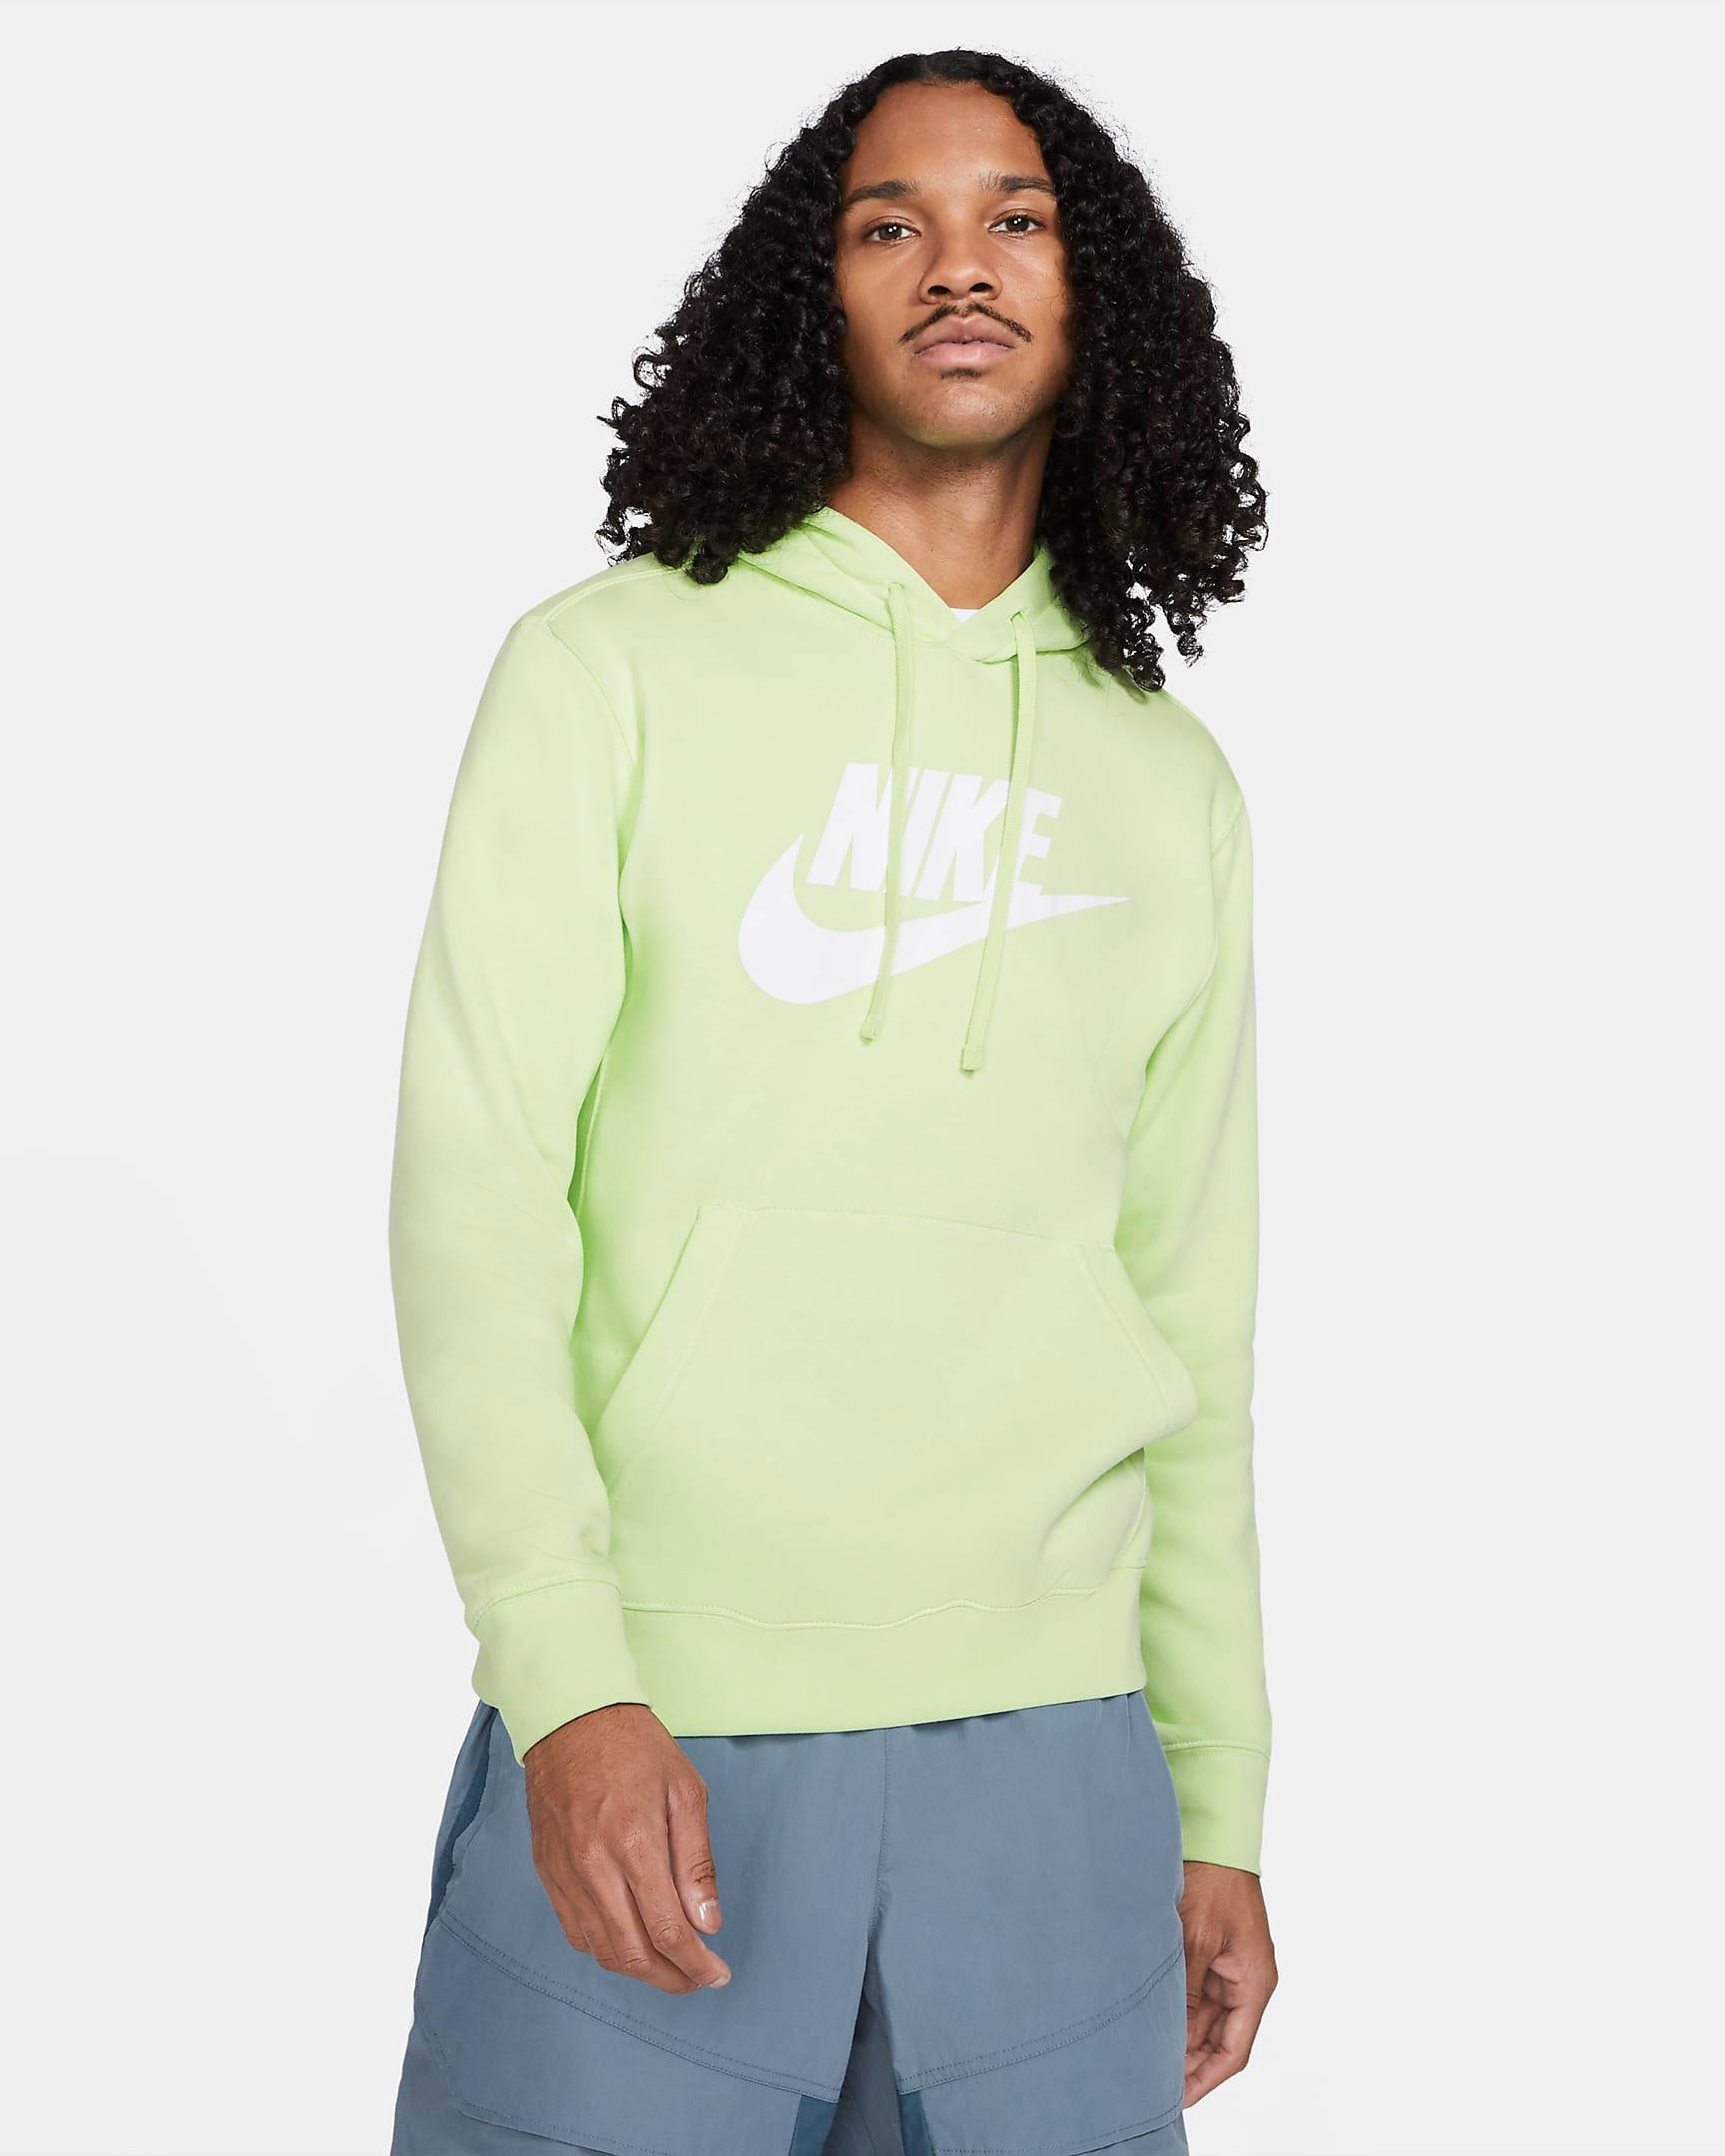 jordan-1-bio-hack-nike-hoodie-lime-green